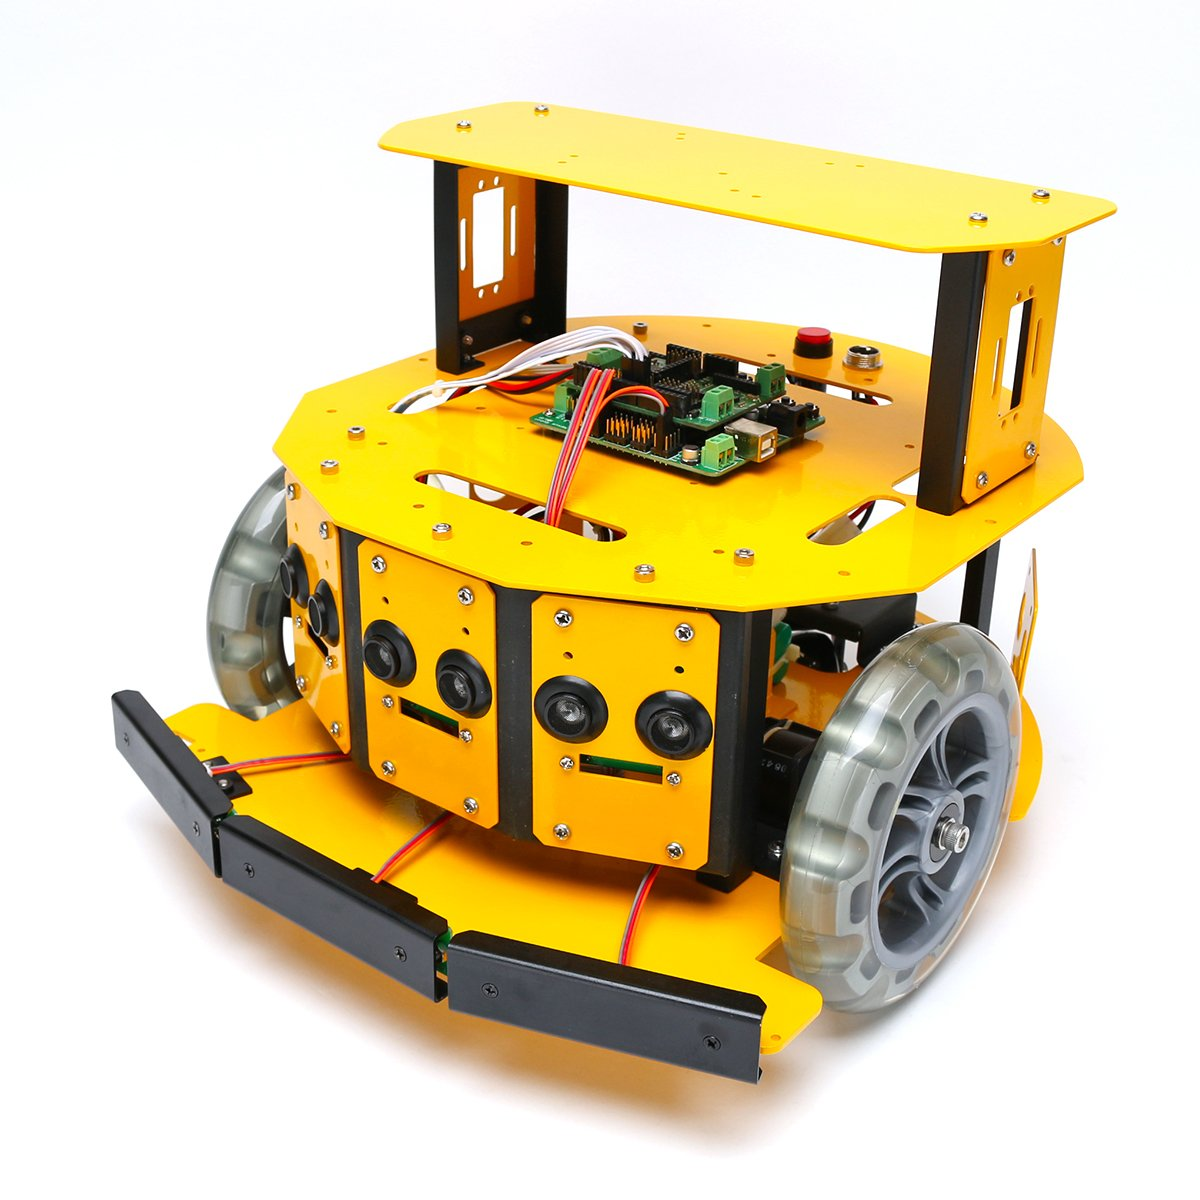 2WDモバイルロボット (10004) [台車ロボット研究開発]   B00DSW2P9G